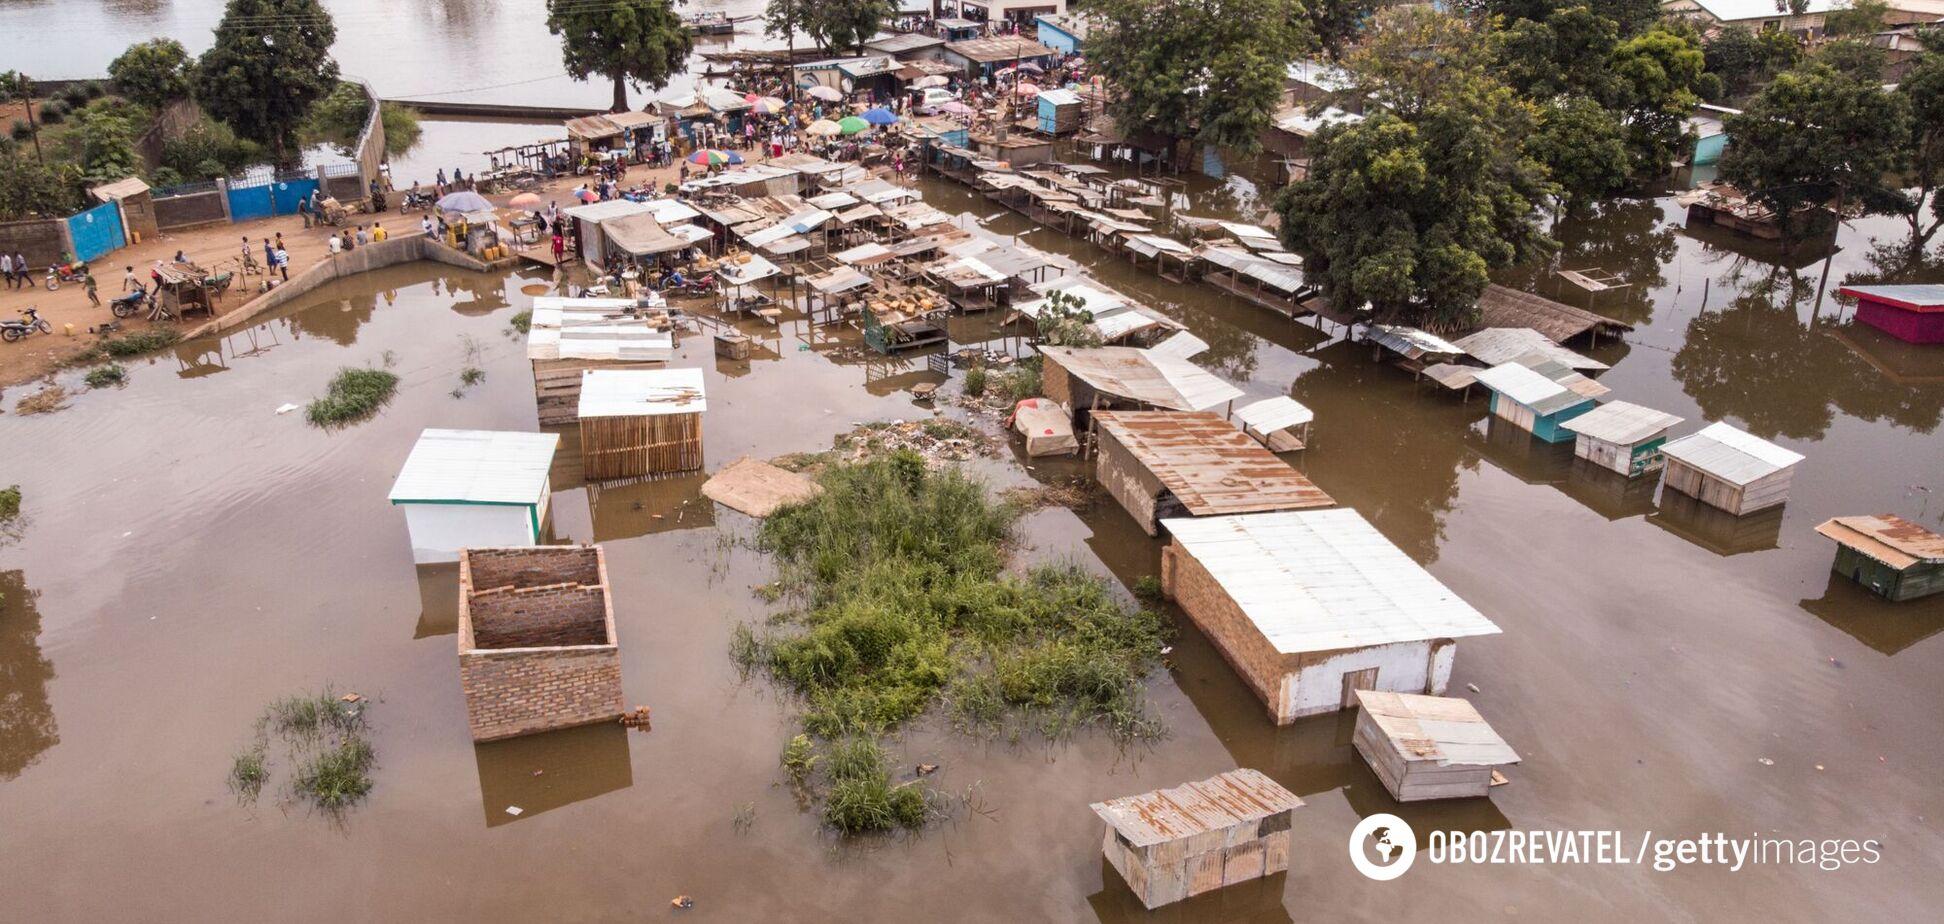 Количество погодных катаклизмов в мире выросло в пять раз: в ООН выступили с тревожным заявлением